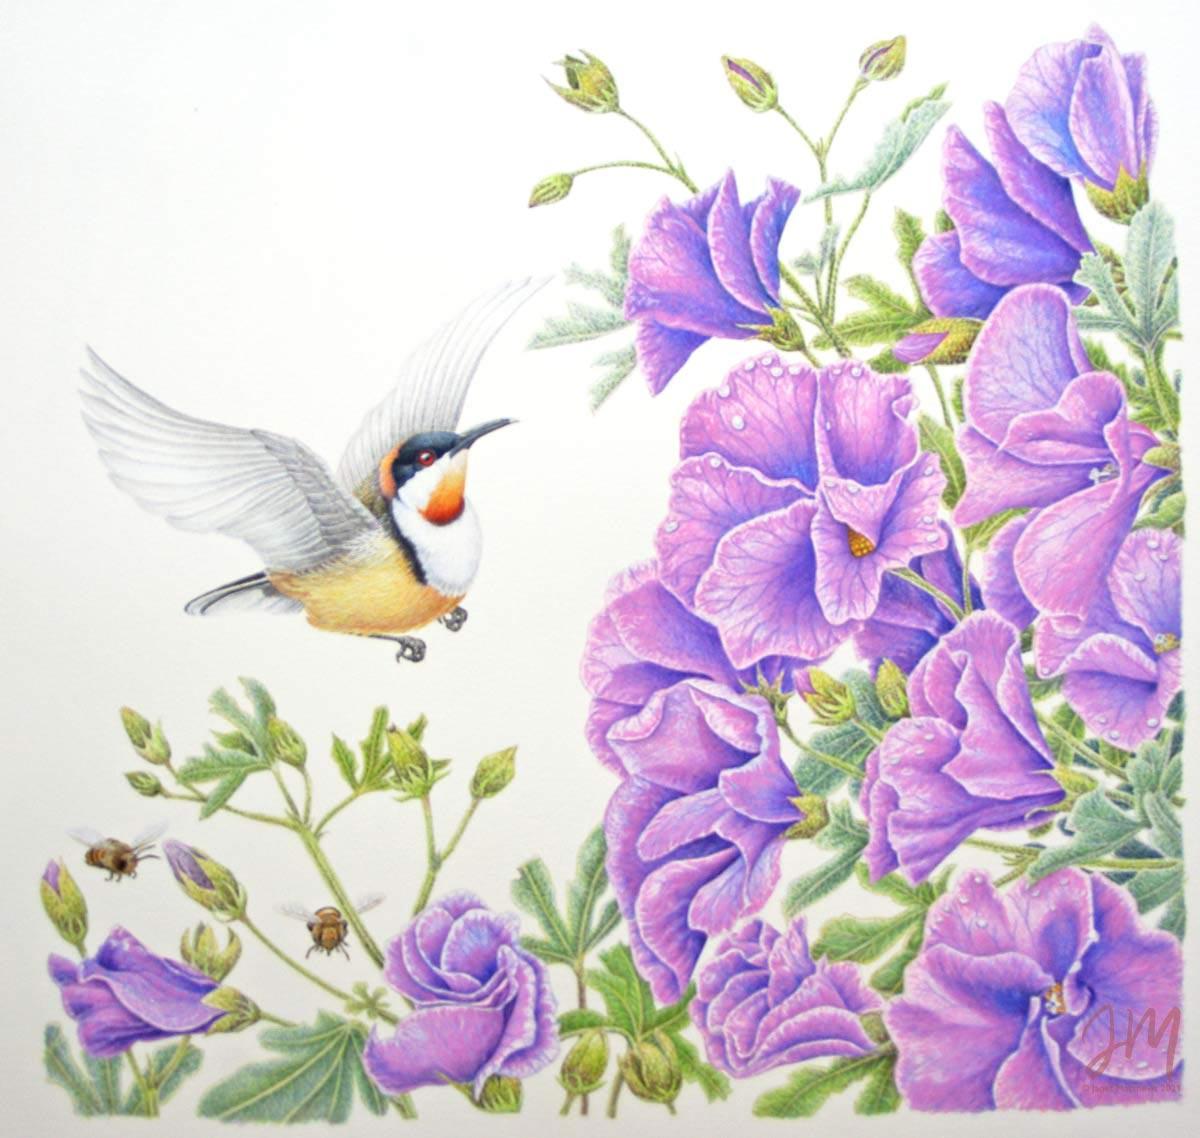 janet matthews wildlife artist